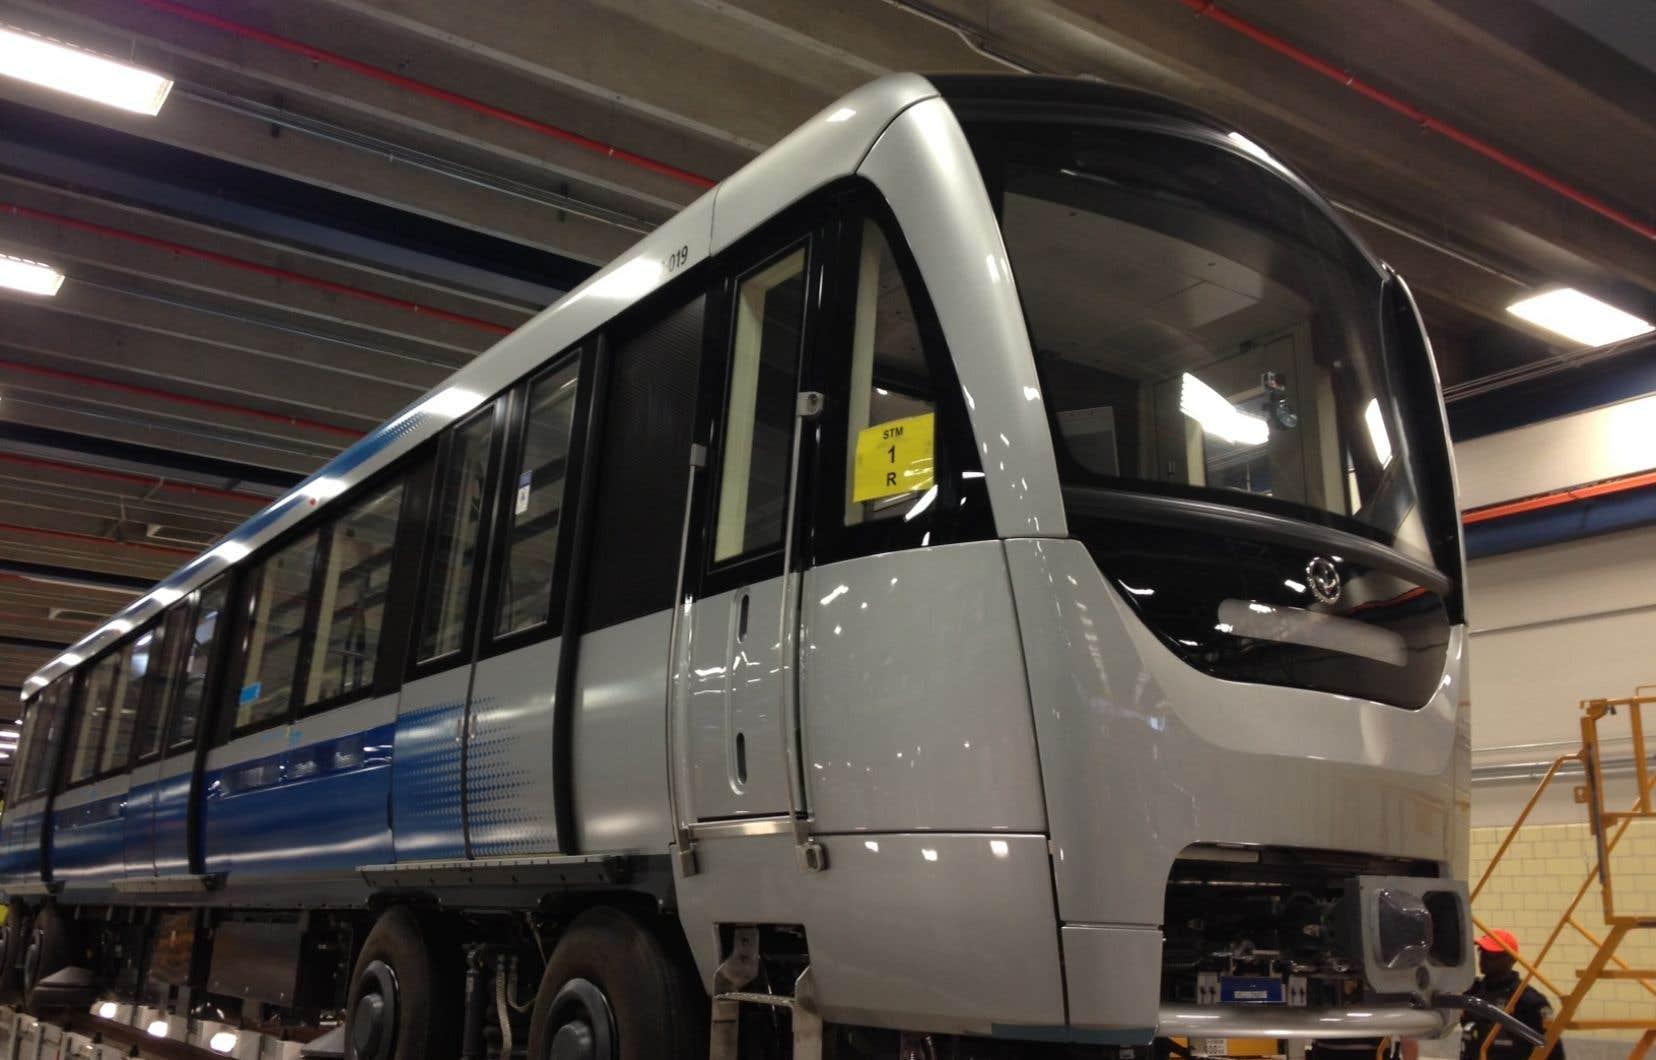 La fabrication des trains Azur prendra fin vers le mois de juin, moment auquel des mises à pied débuteraient si l'usine ne décrochait pas d'autres contrats.